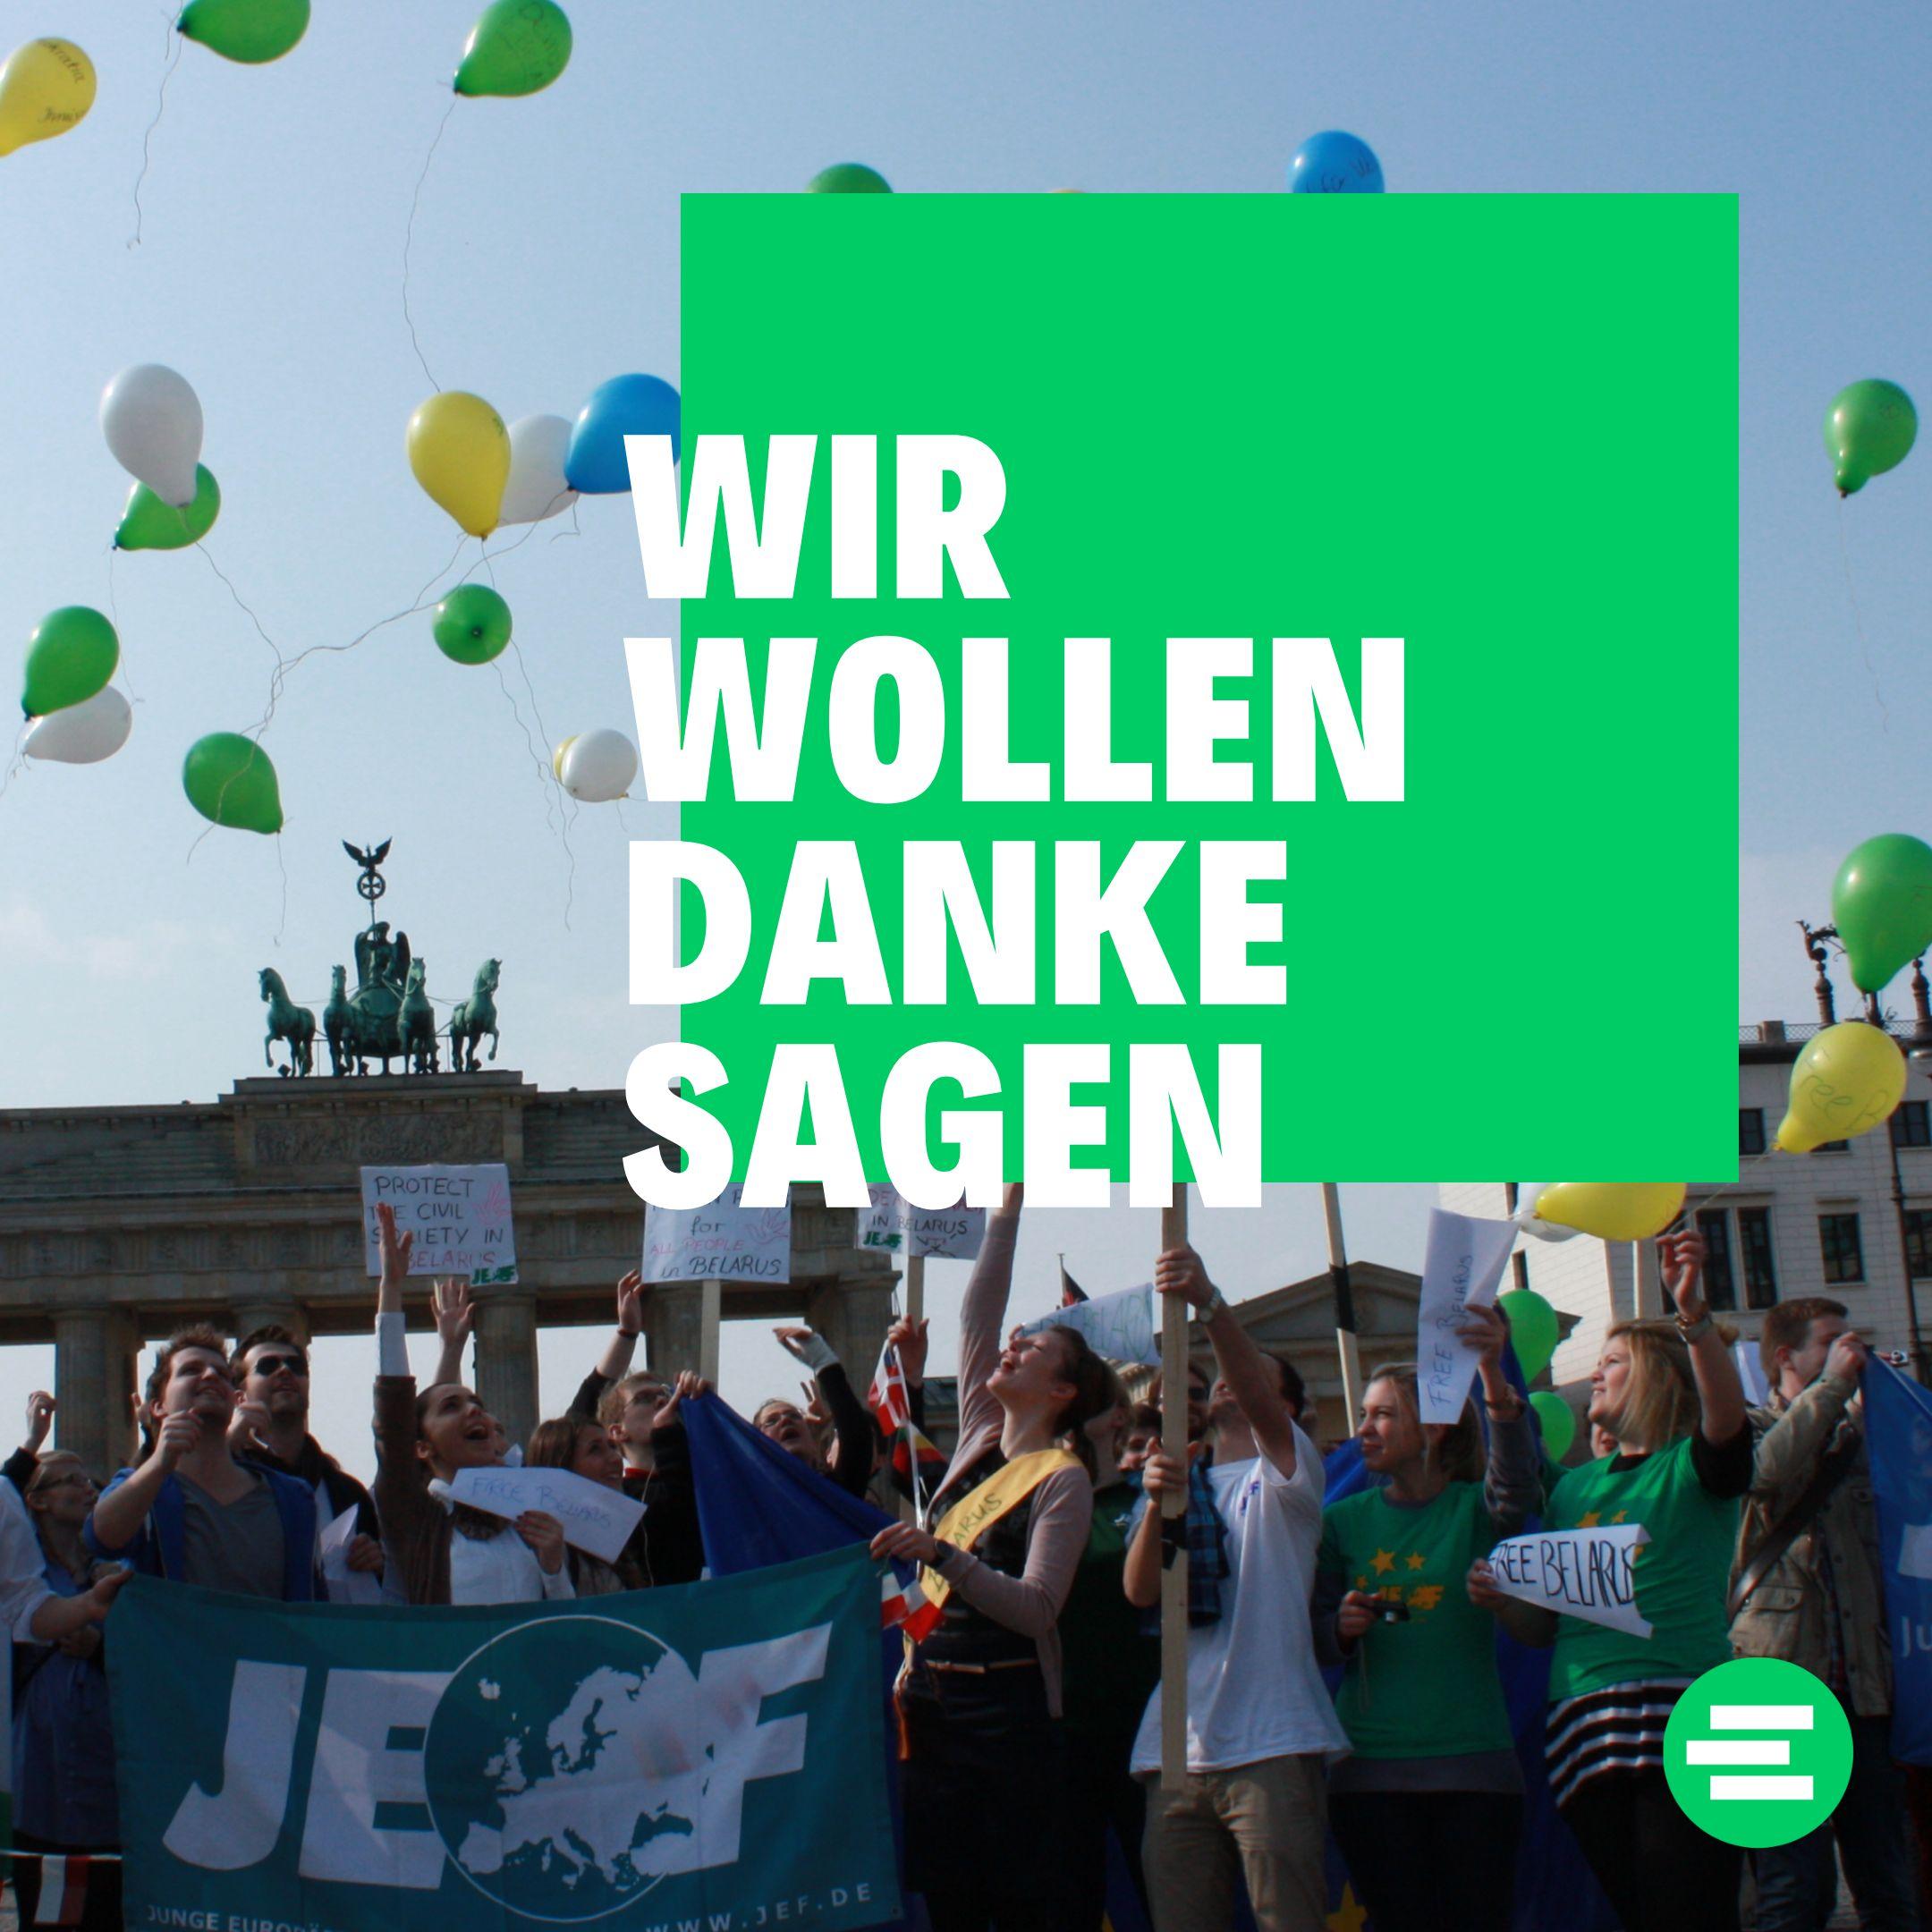 Betterplace-Kampagne: Wir wollen Danke sagen!